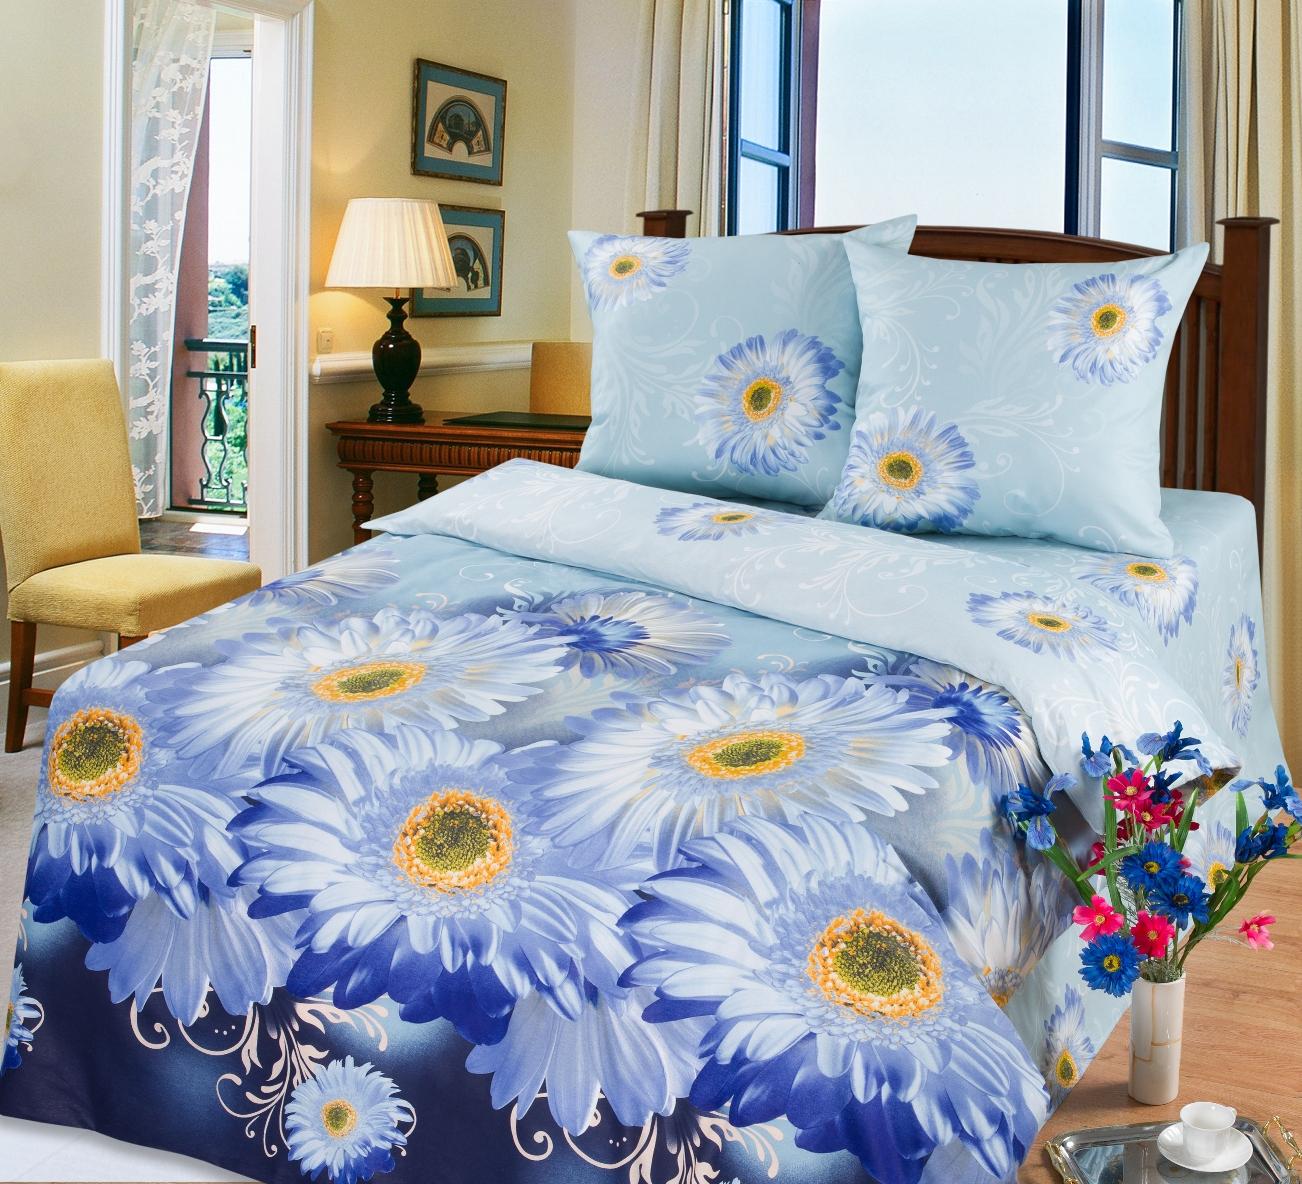 КПБ Зима-Лето  Агата , размер 2,0-спальный с европростыней - Постельное белье артикул: 9031